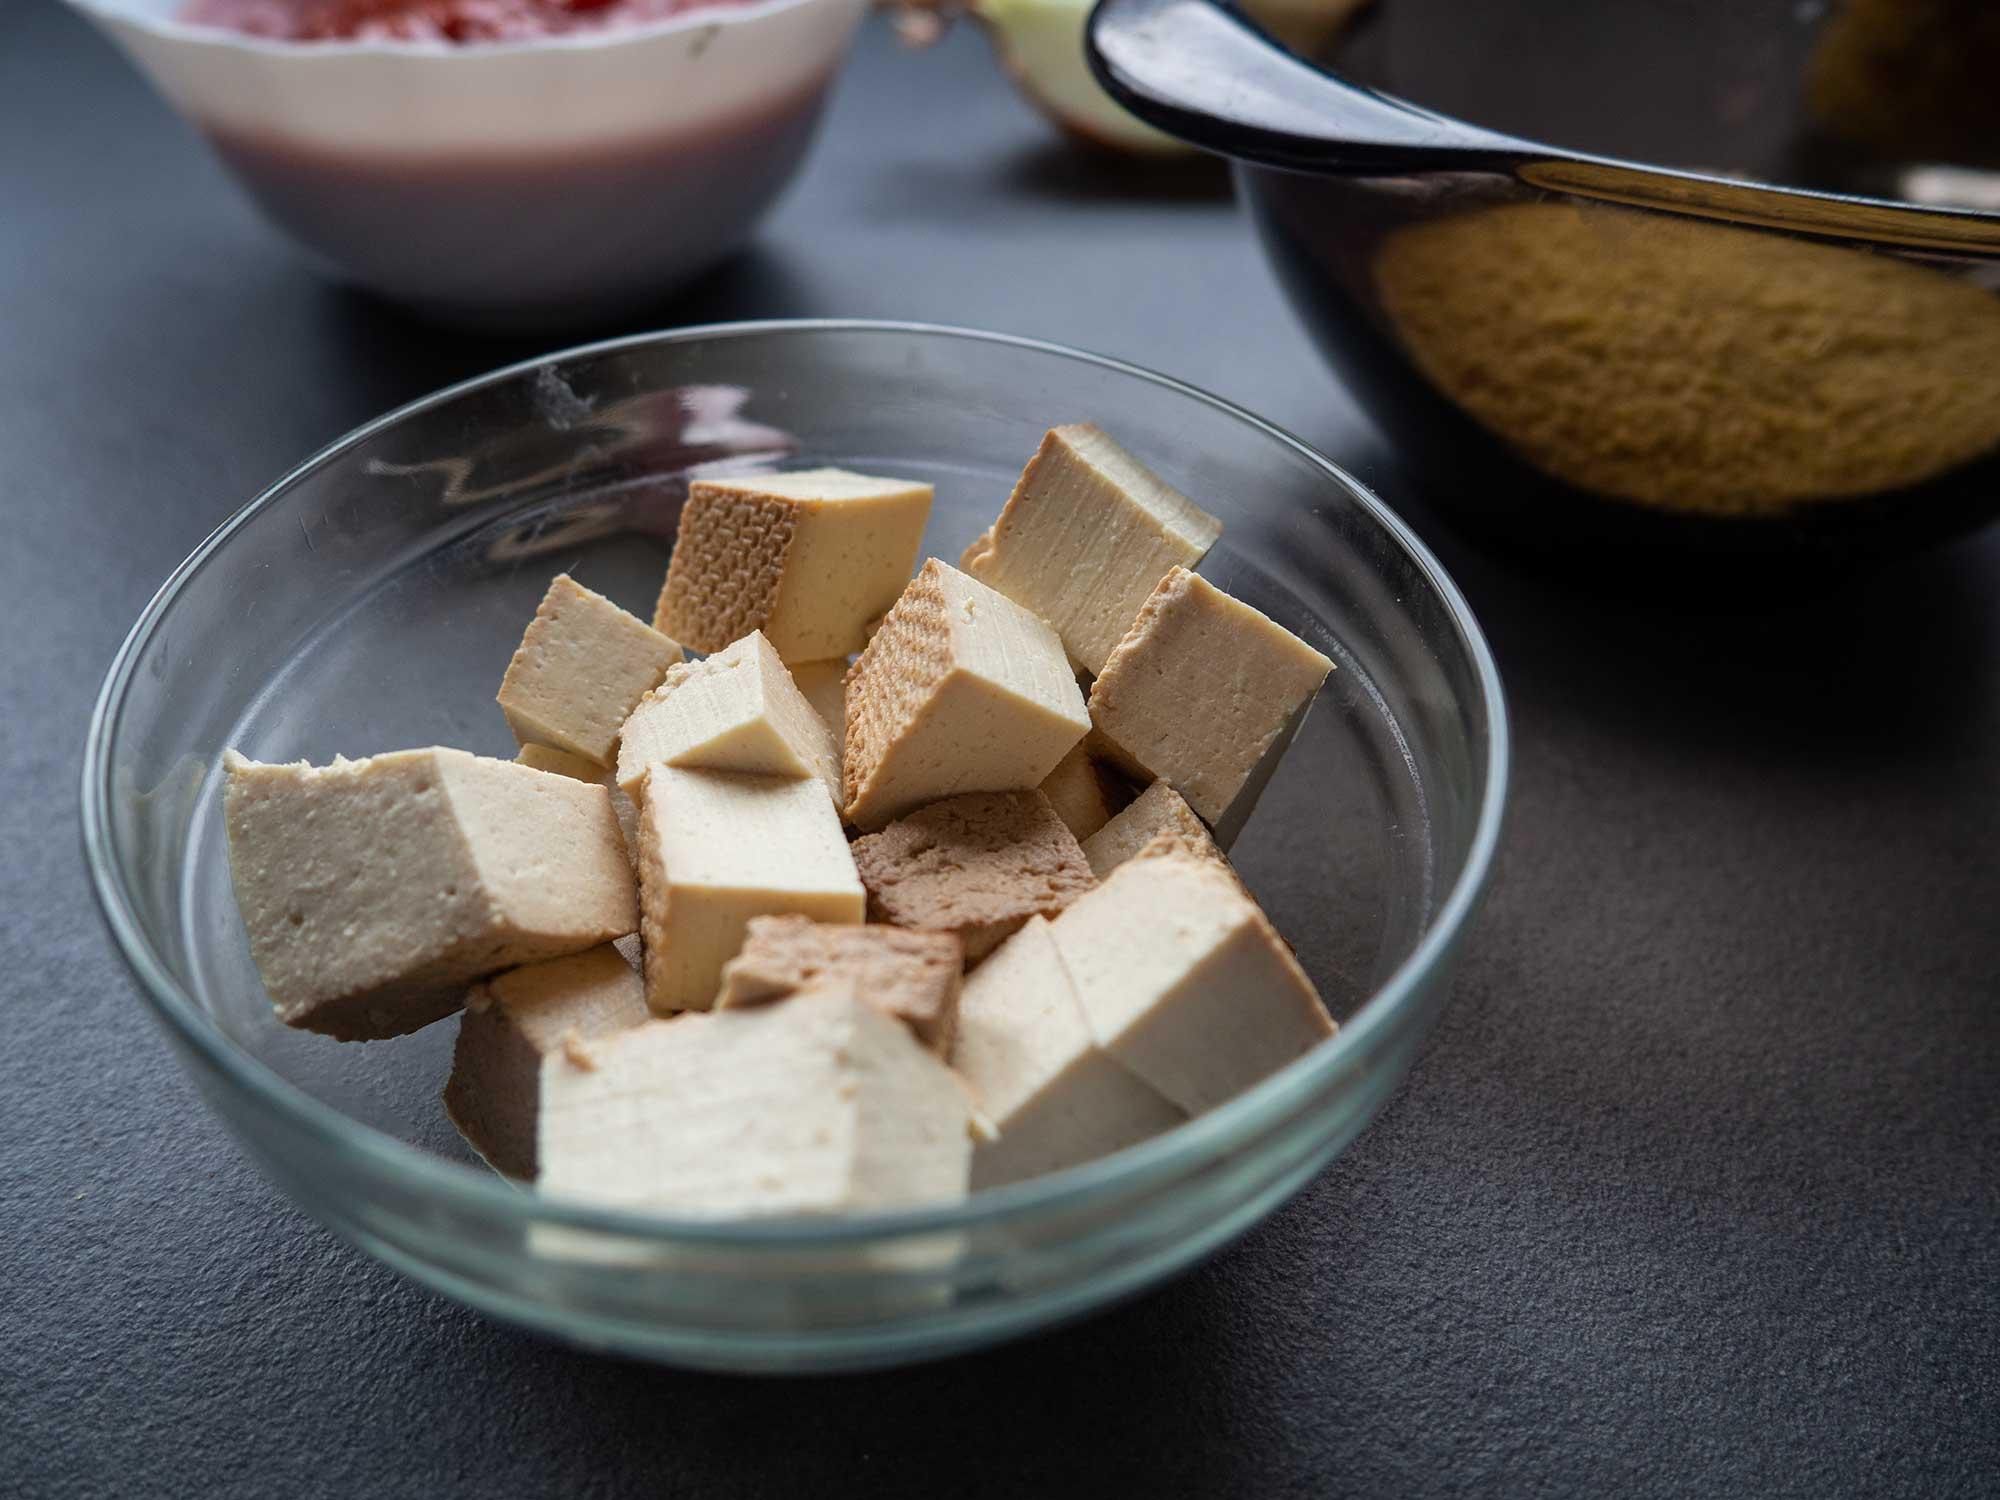 tofu in bowl